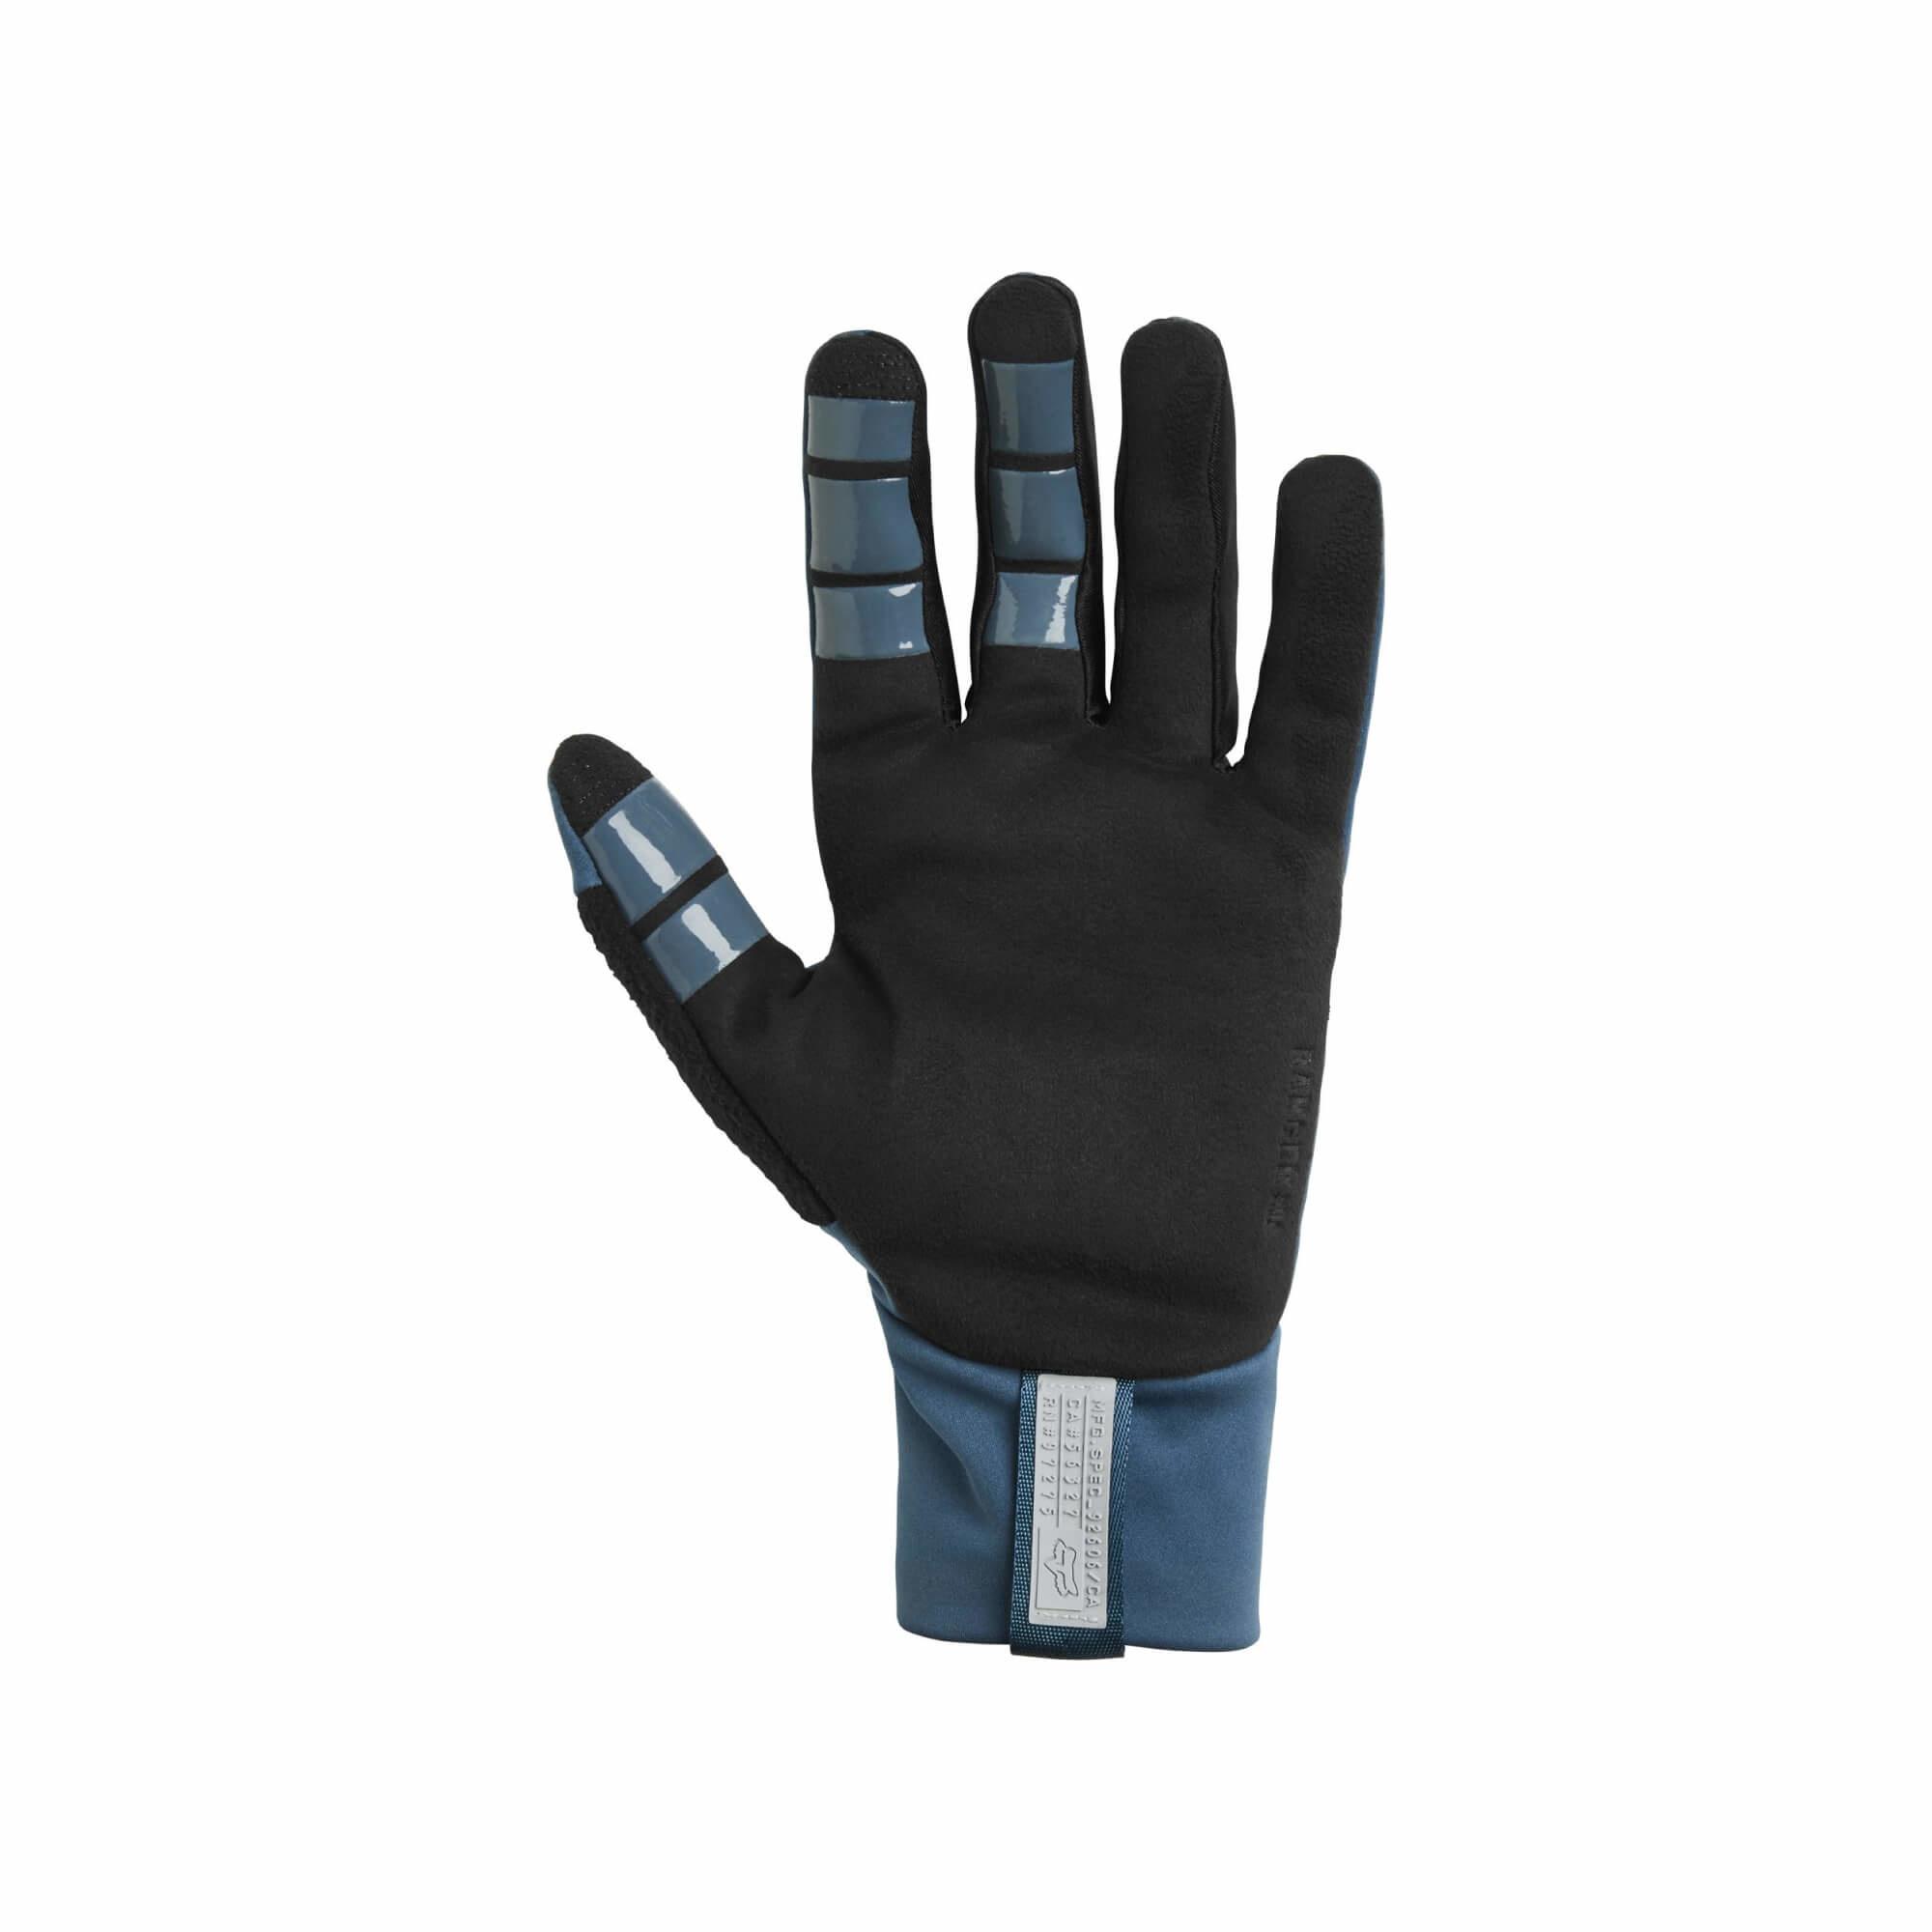 Ranger Fire Glove 2021-6